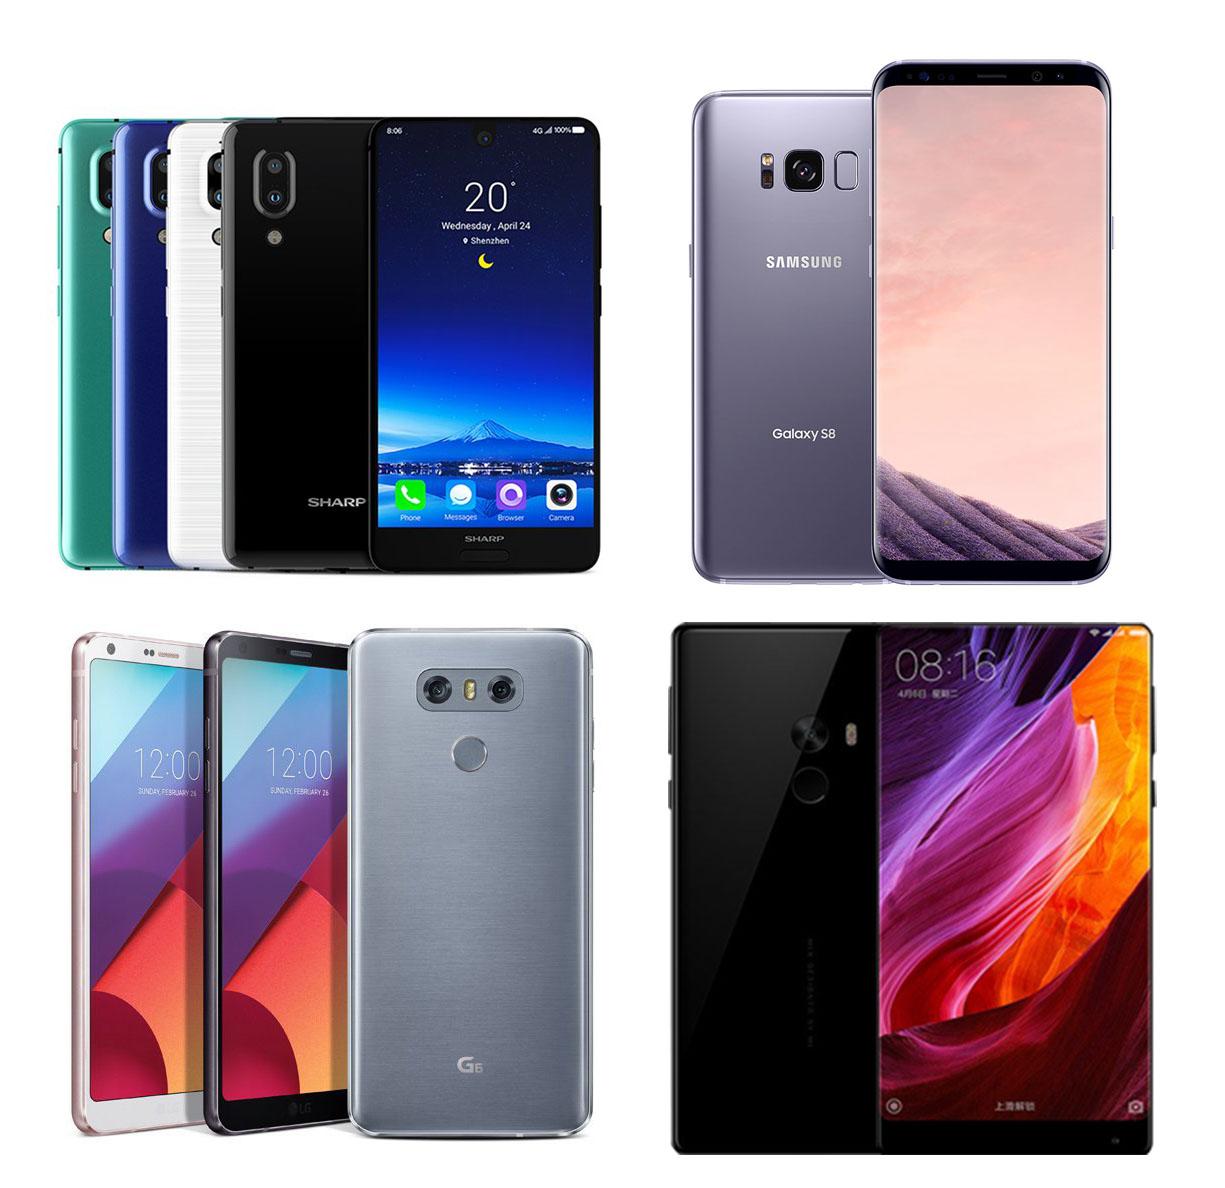 Sharp AQUOS S2 來了!全面屏手機 (高屏佔比) 規格比較表(包含 S8/S8+, G6, 小米 MIX)@3C 達人廖阿輝